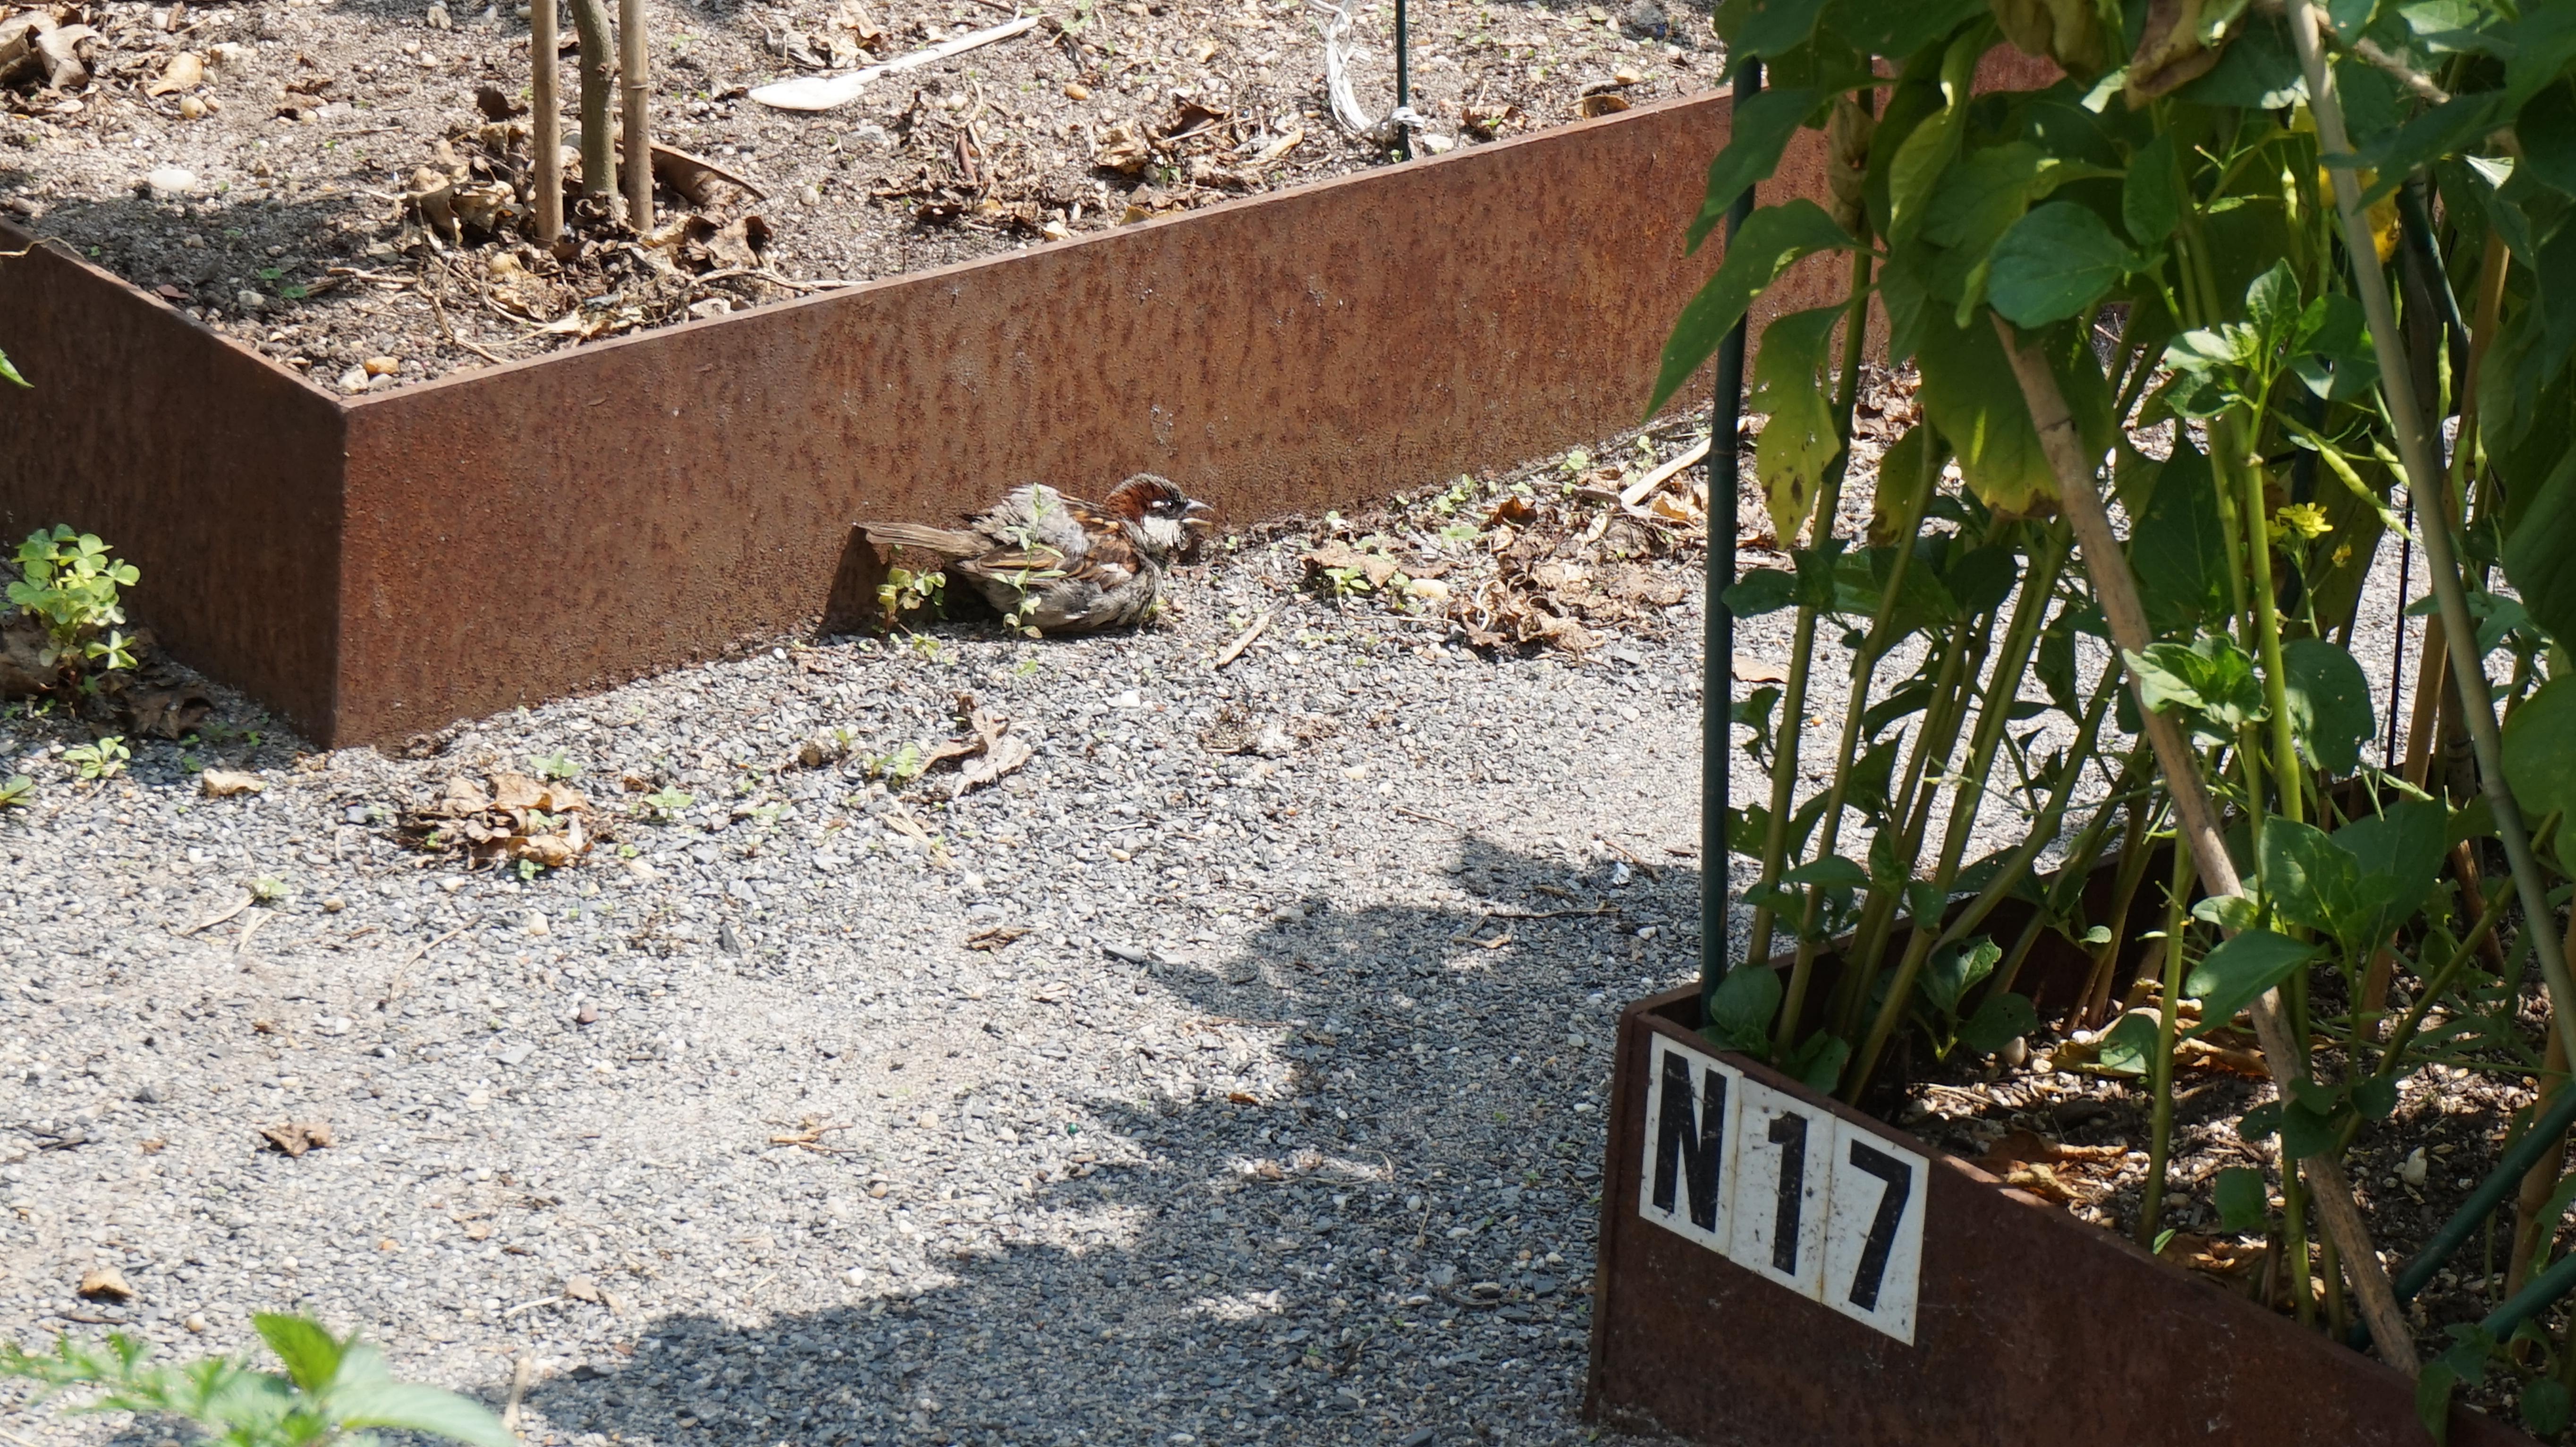 Sunbathing finch